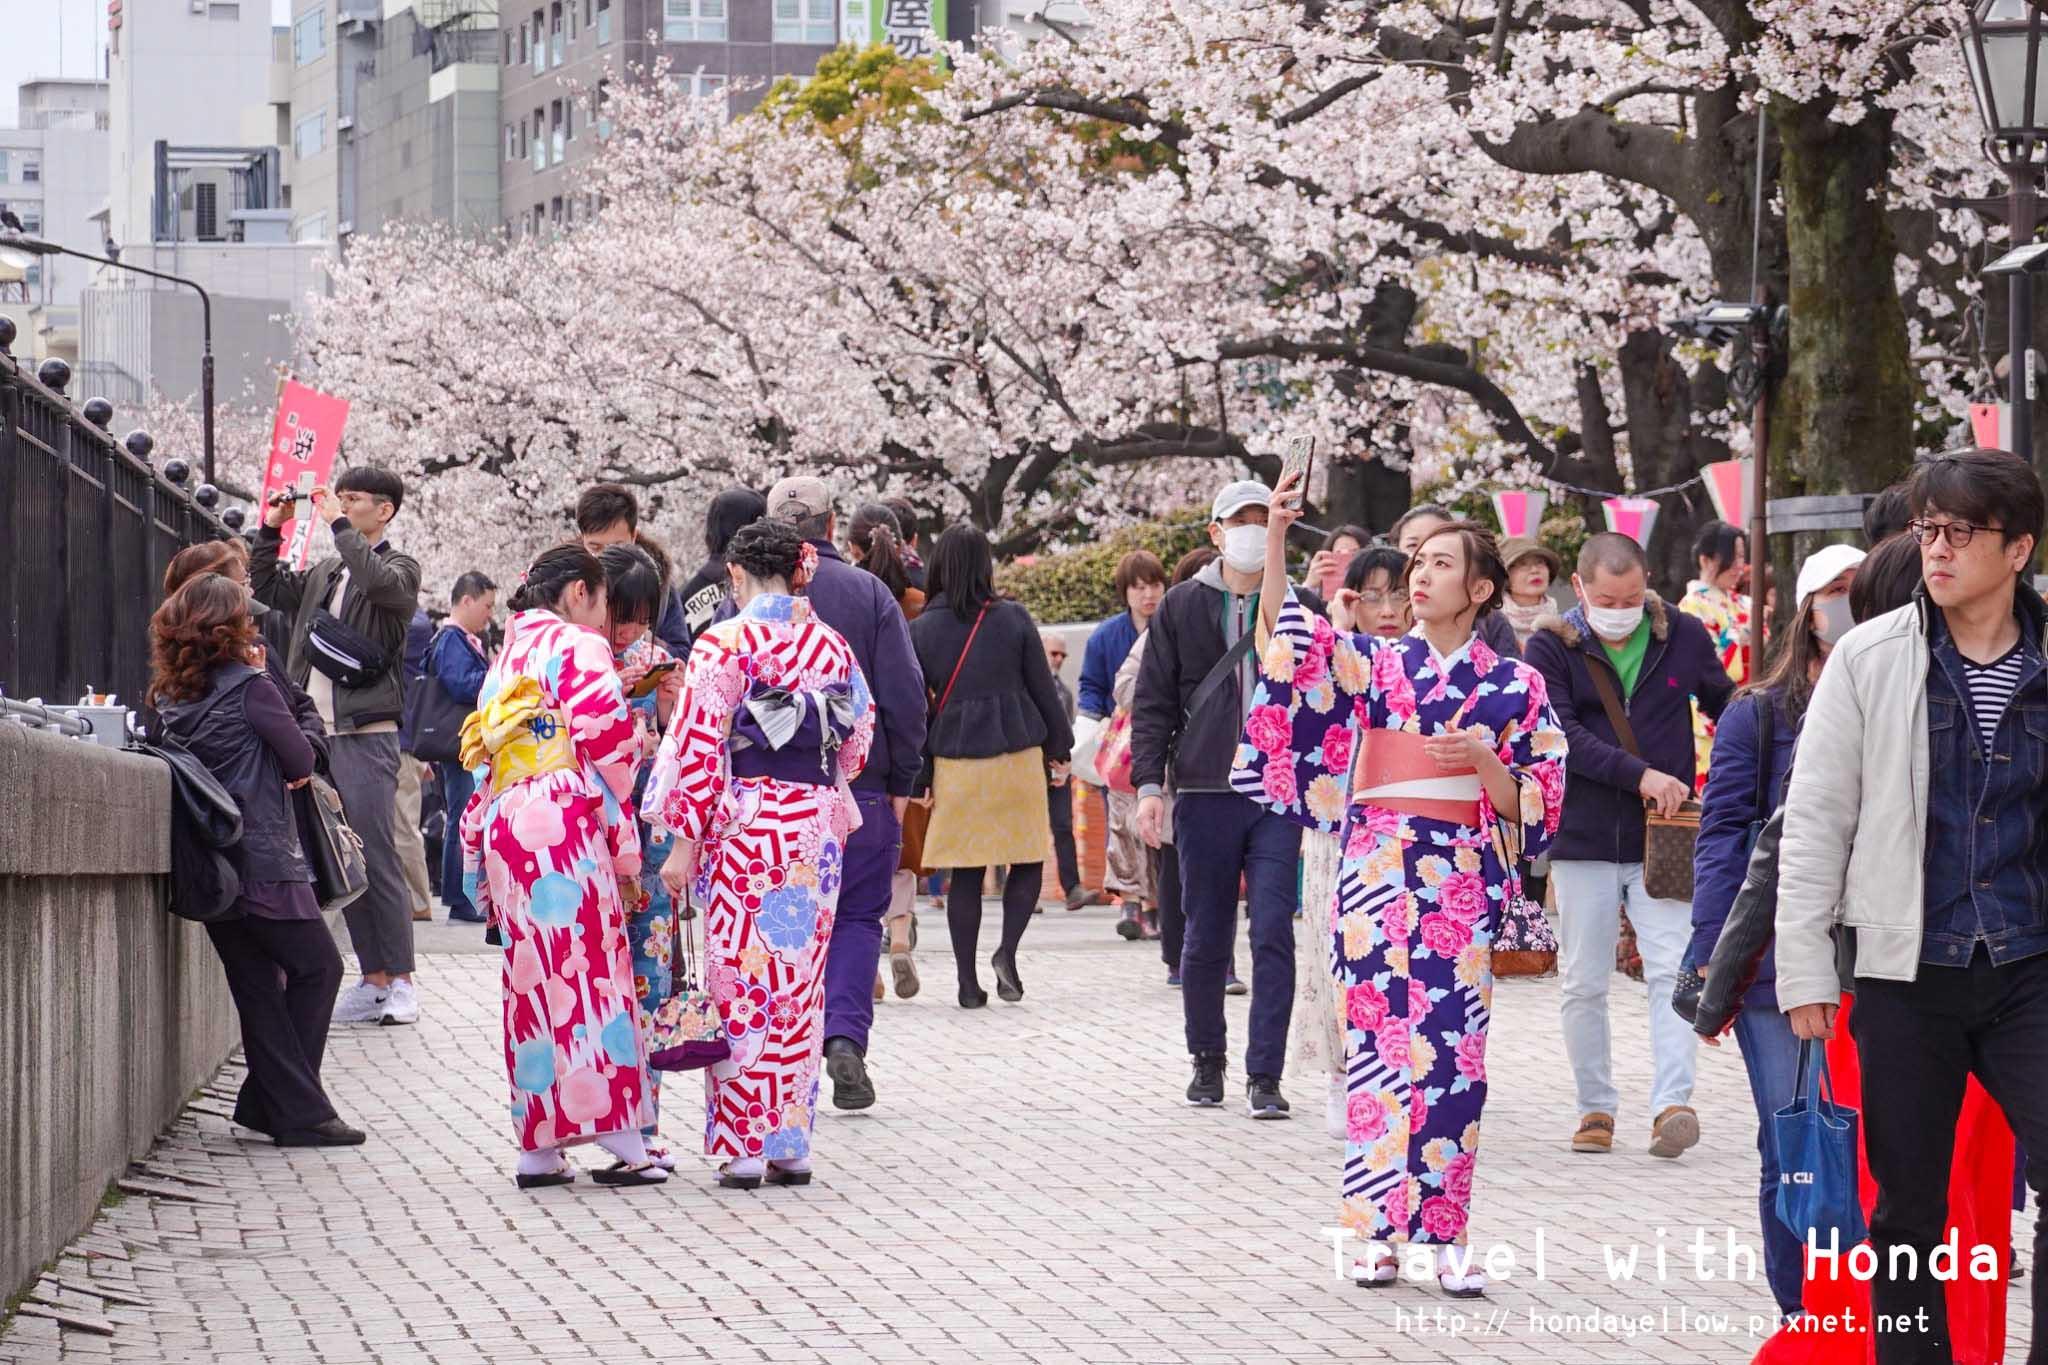 日本-你絕對會愛上的12個東京賞櫻景點-墨堤公園.jpg